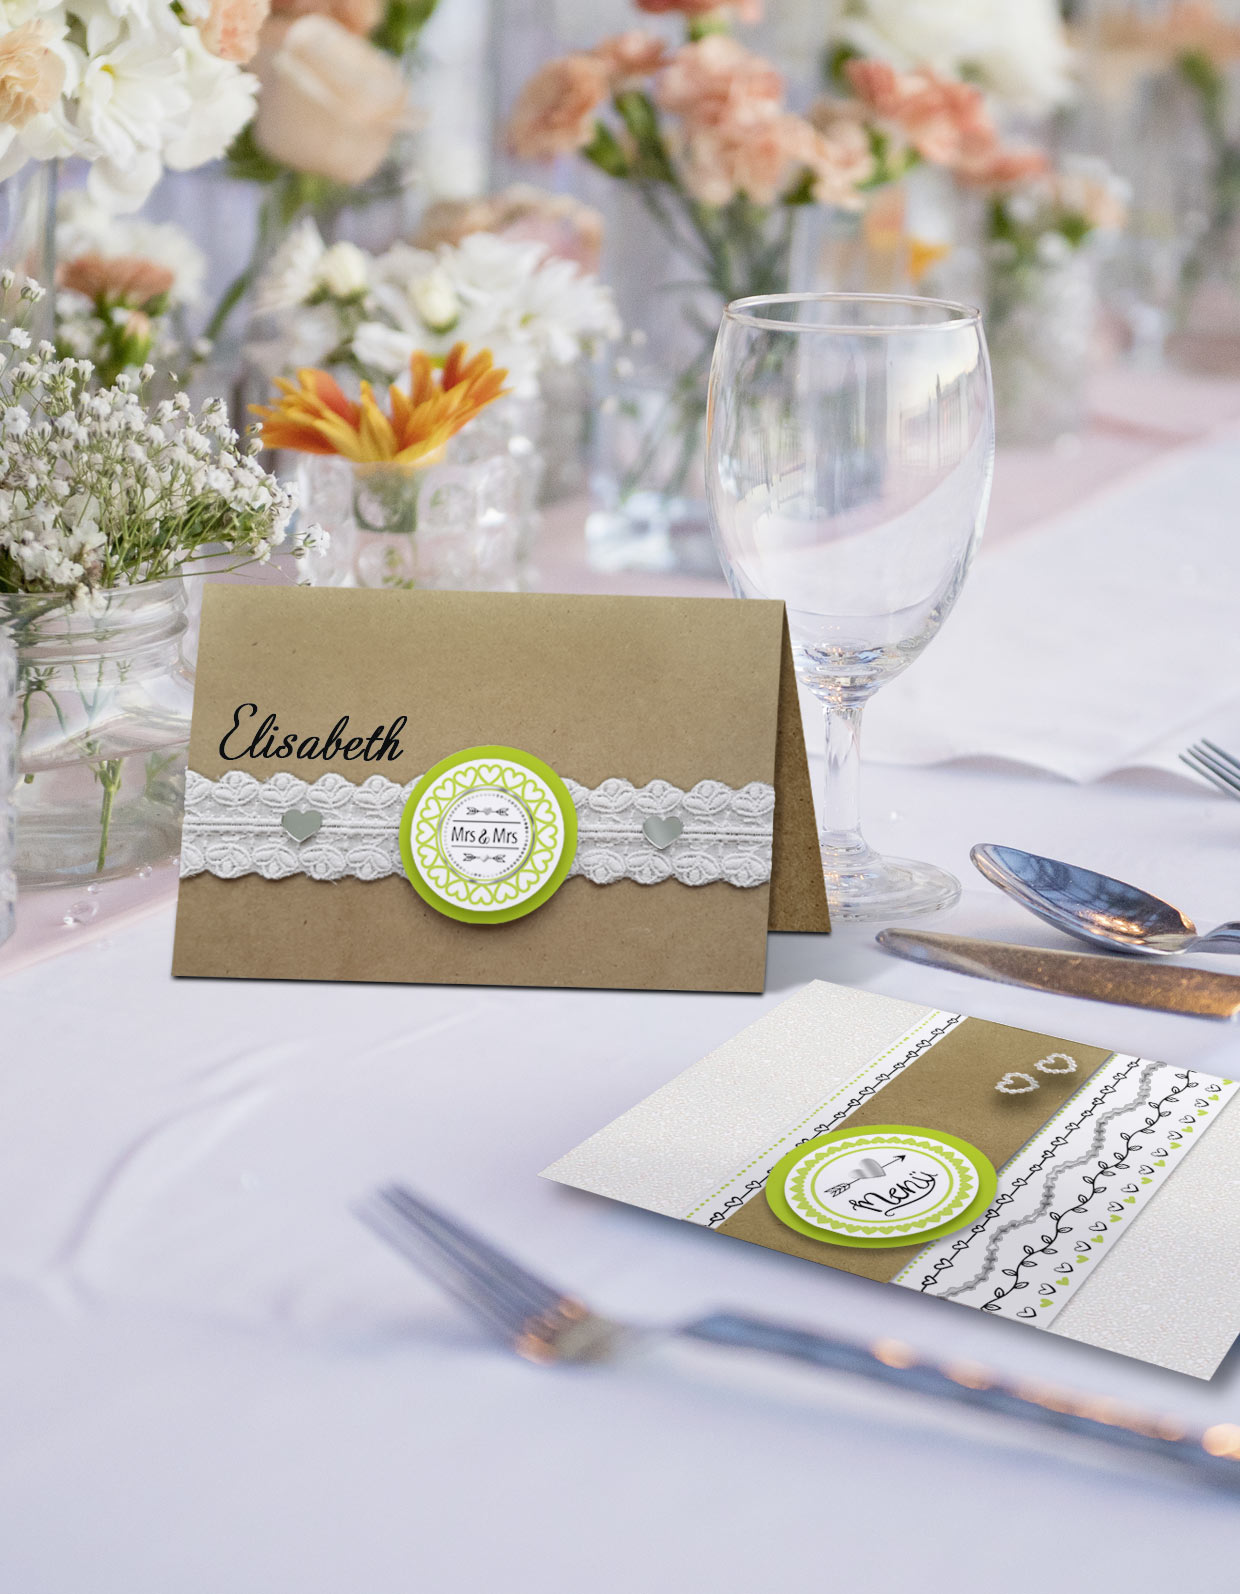 URSUS Hochzeit Sticker Mrs. & Mrs. Art.-Nr. 59530002F